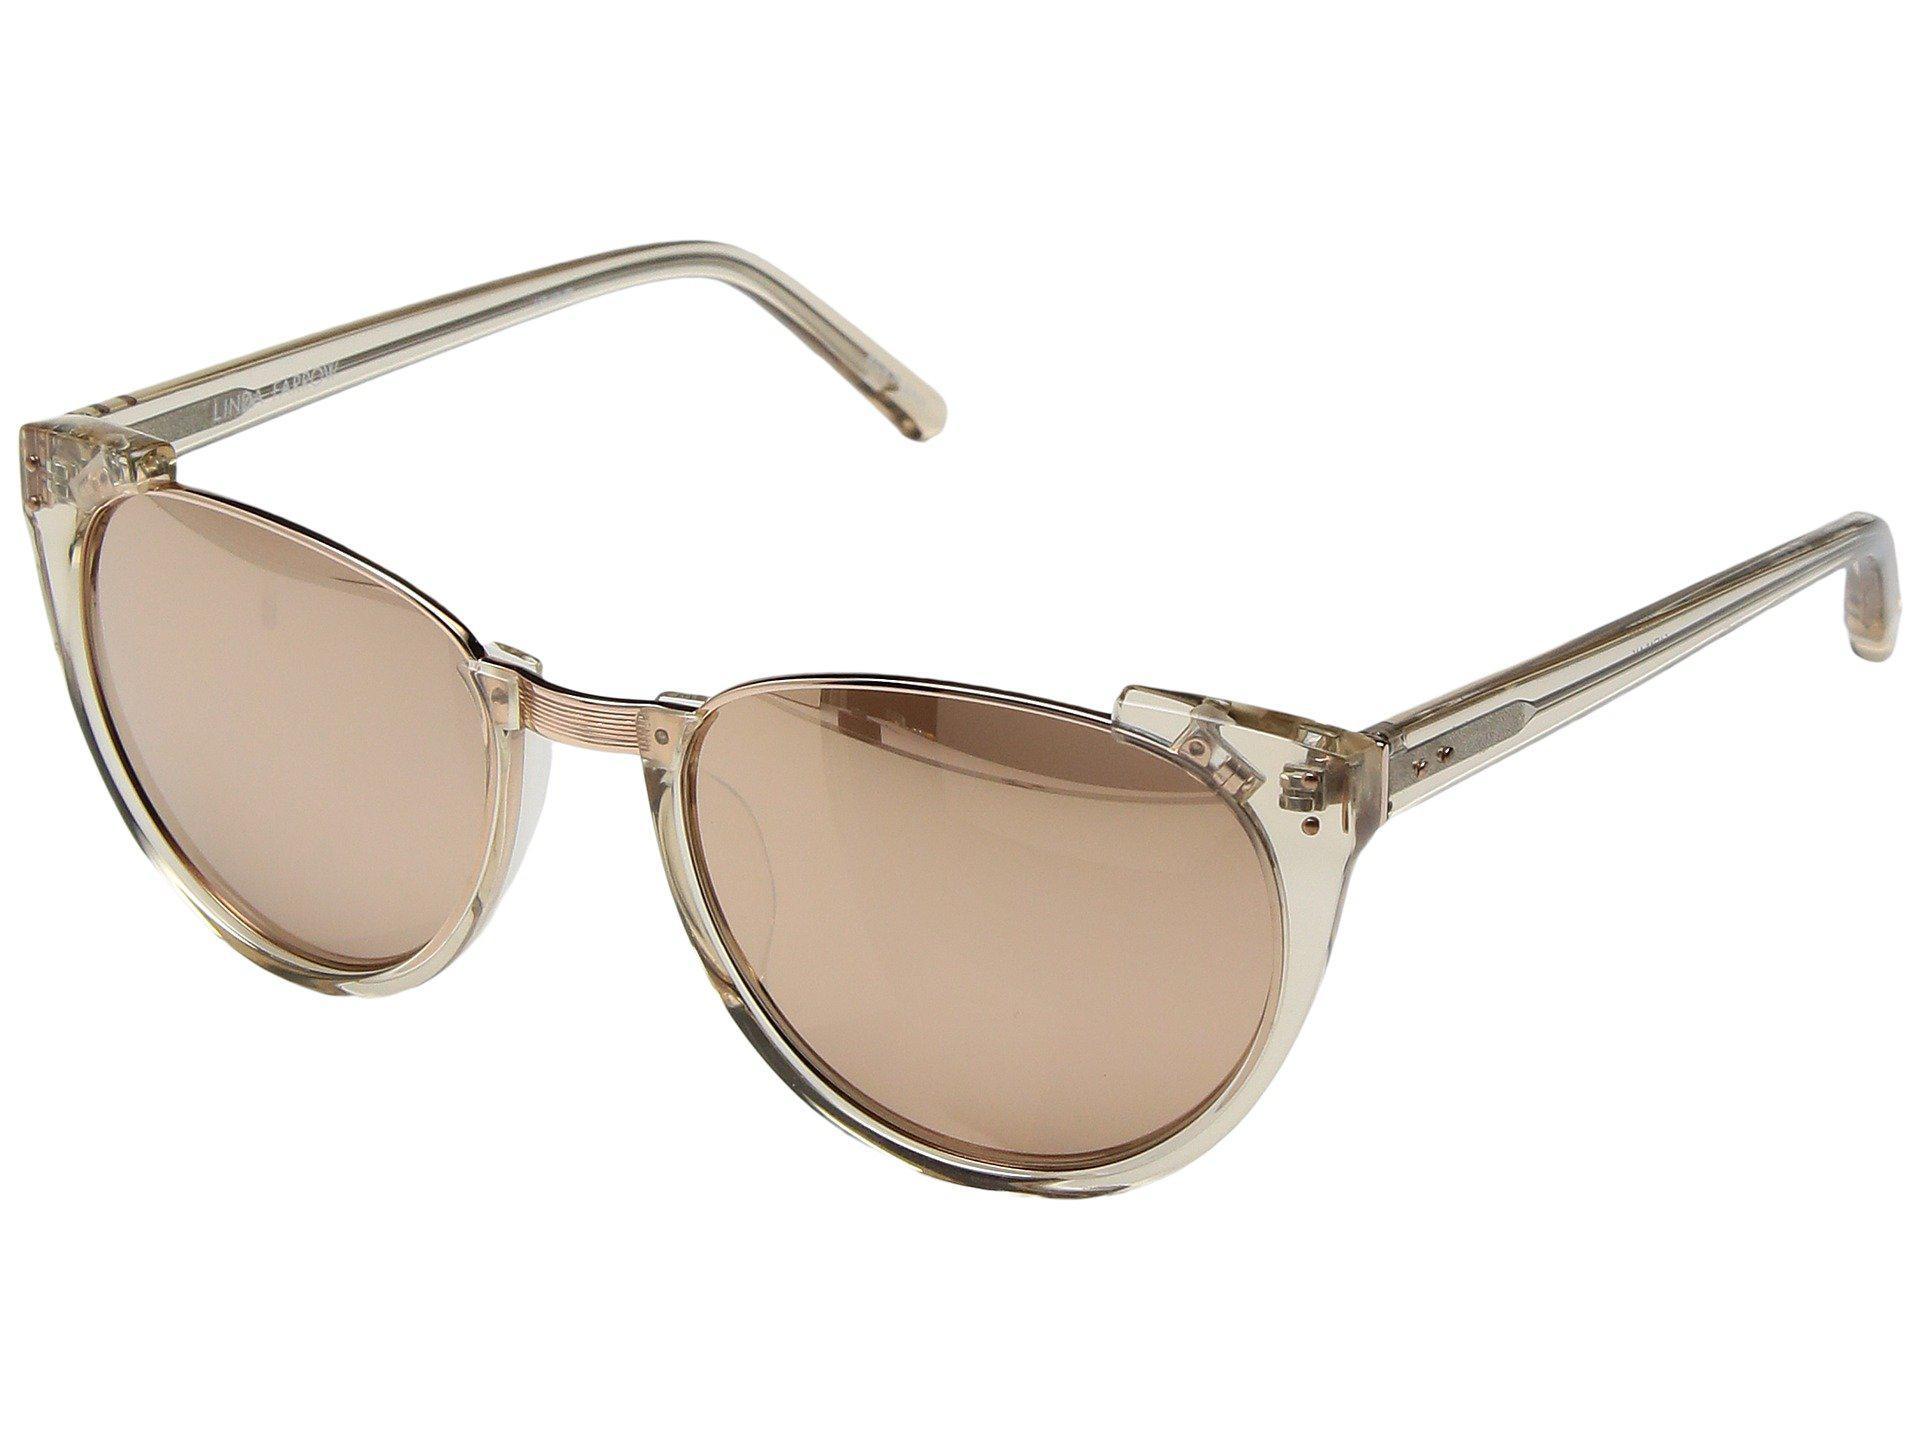 af4f7fedd93 Lyst - Linda Farrow Lfl136c30sun Rose Gold Sunglasses in Metallic